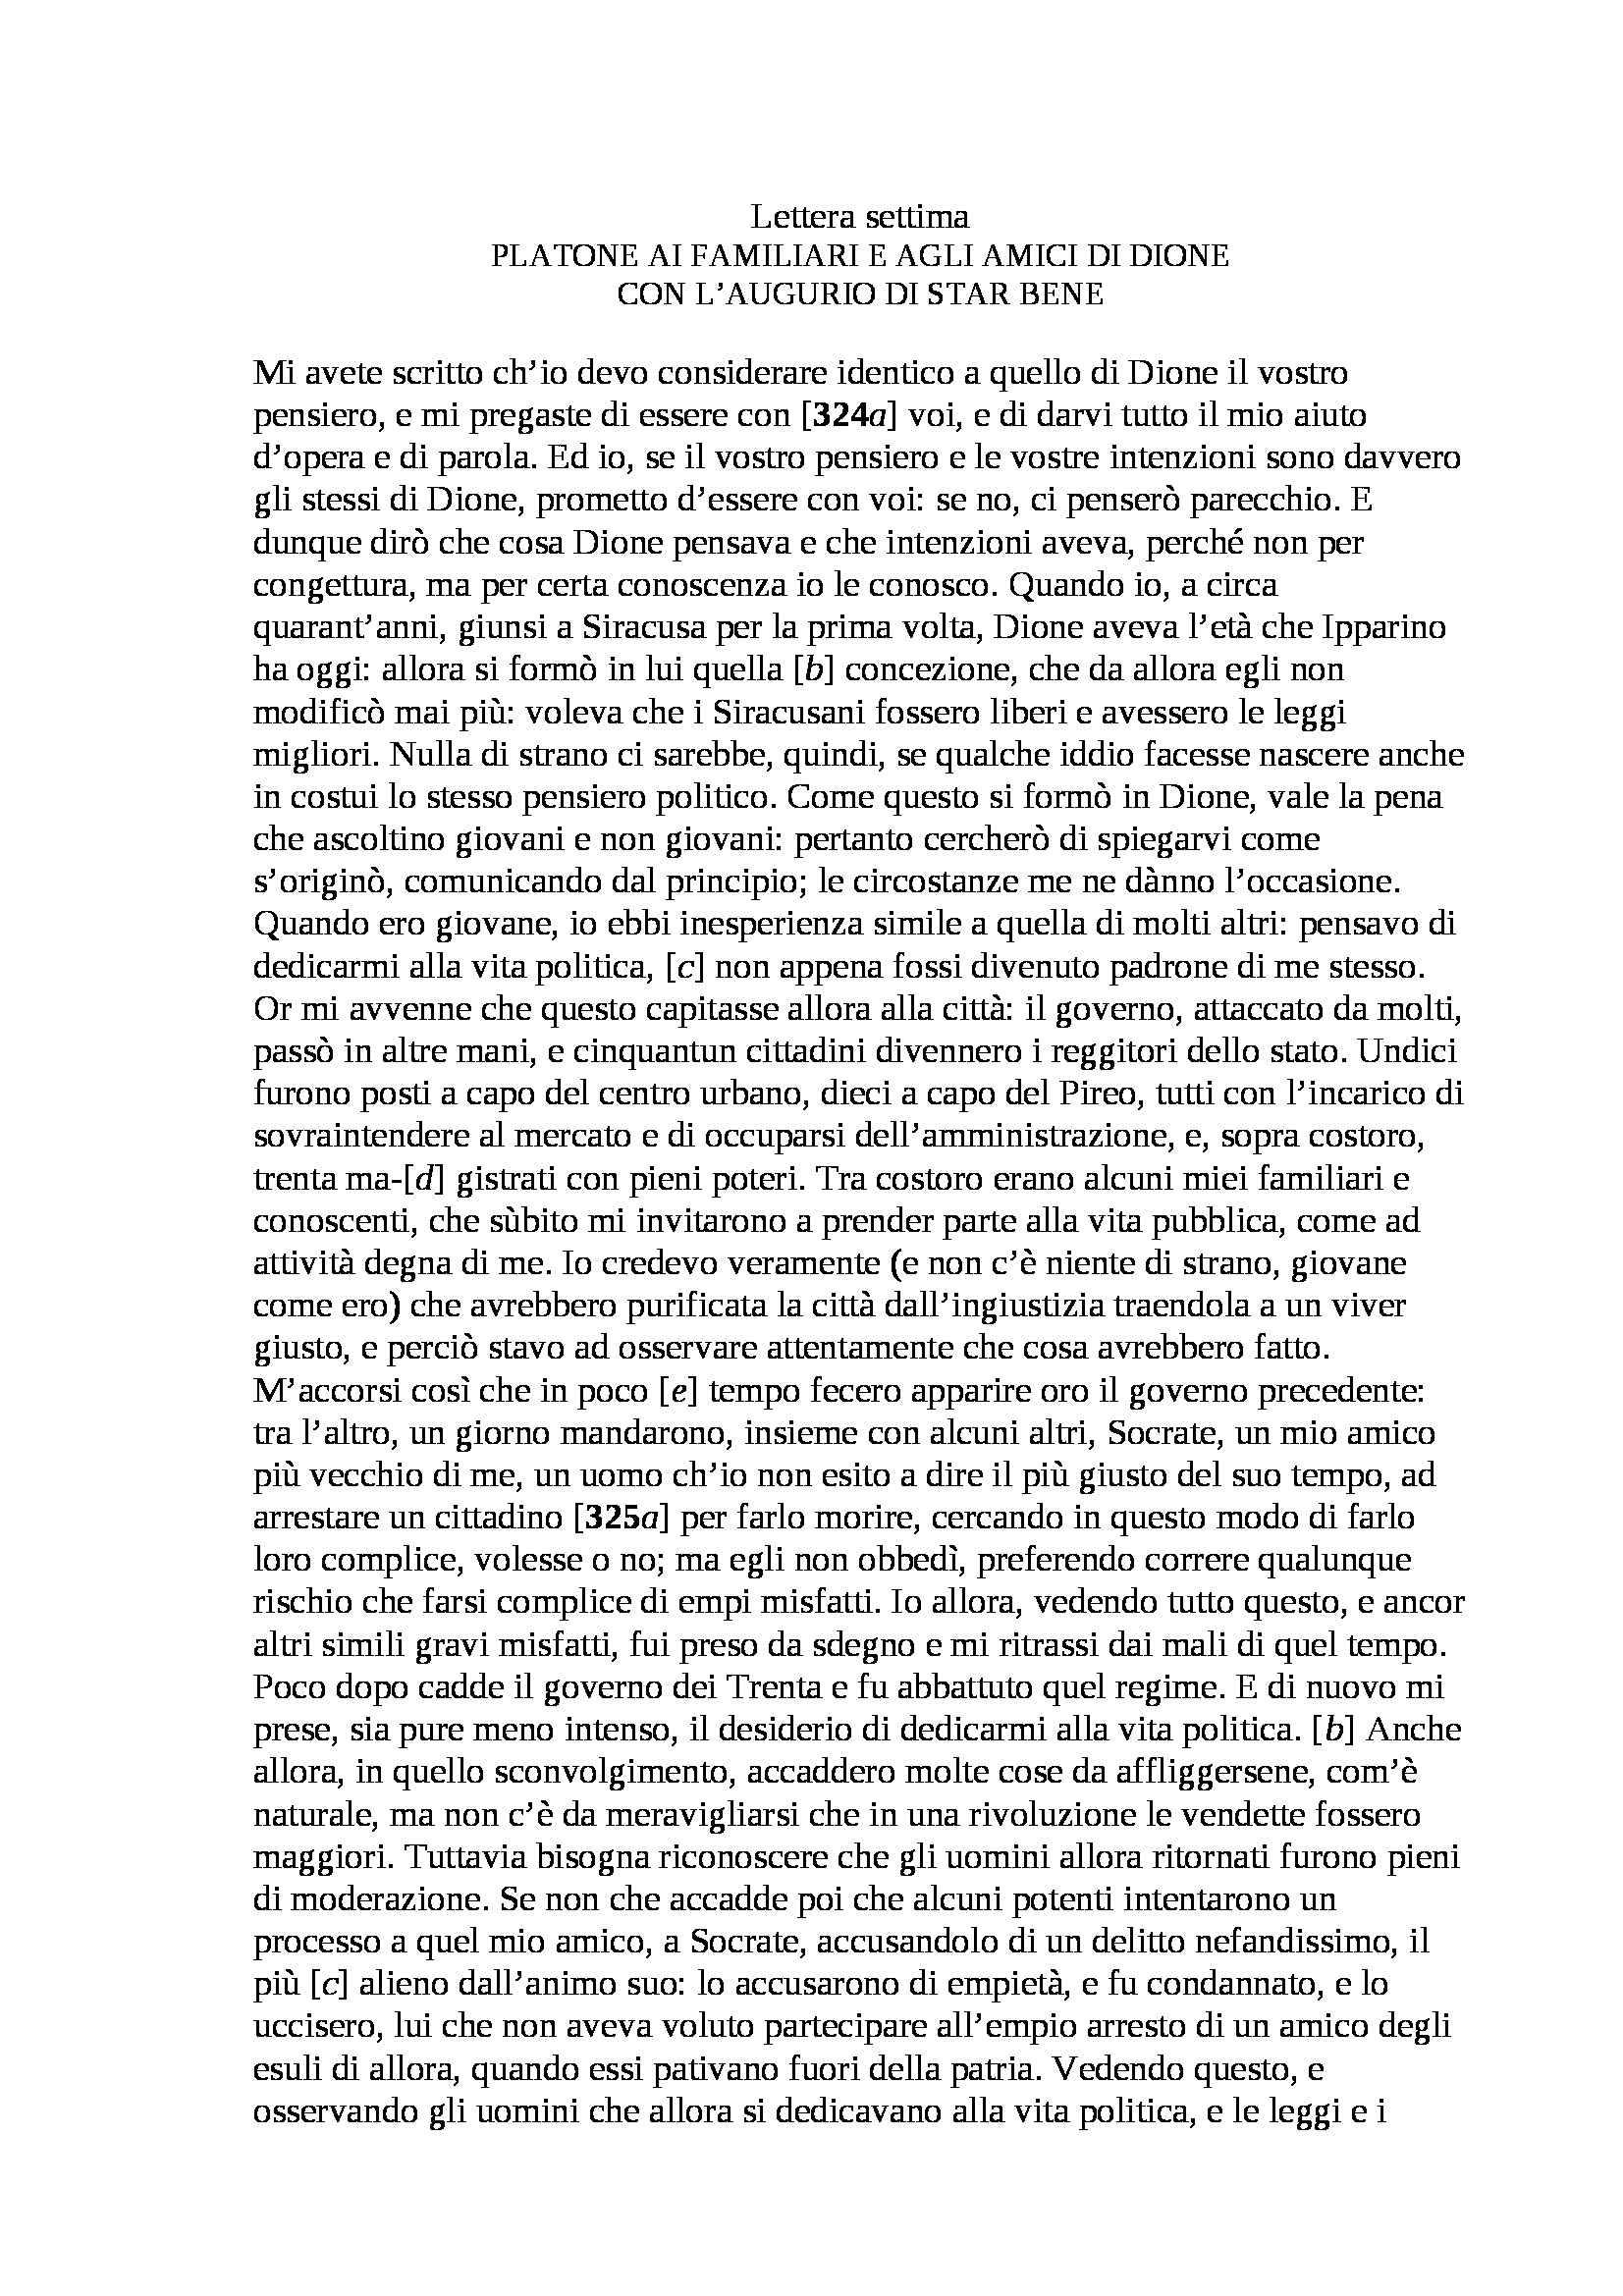 Platone - Lettera VII